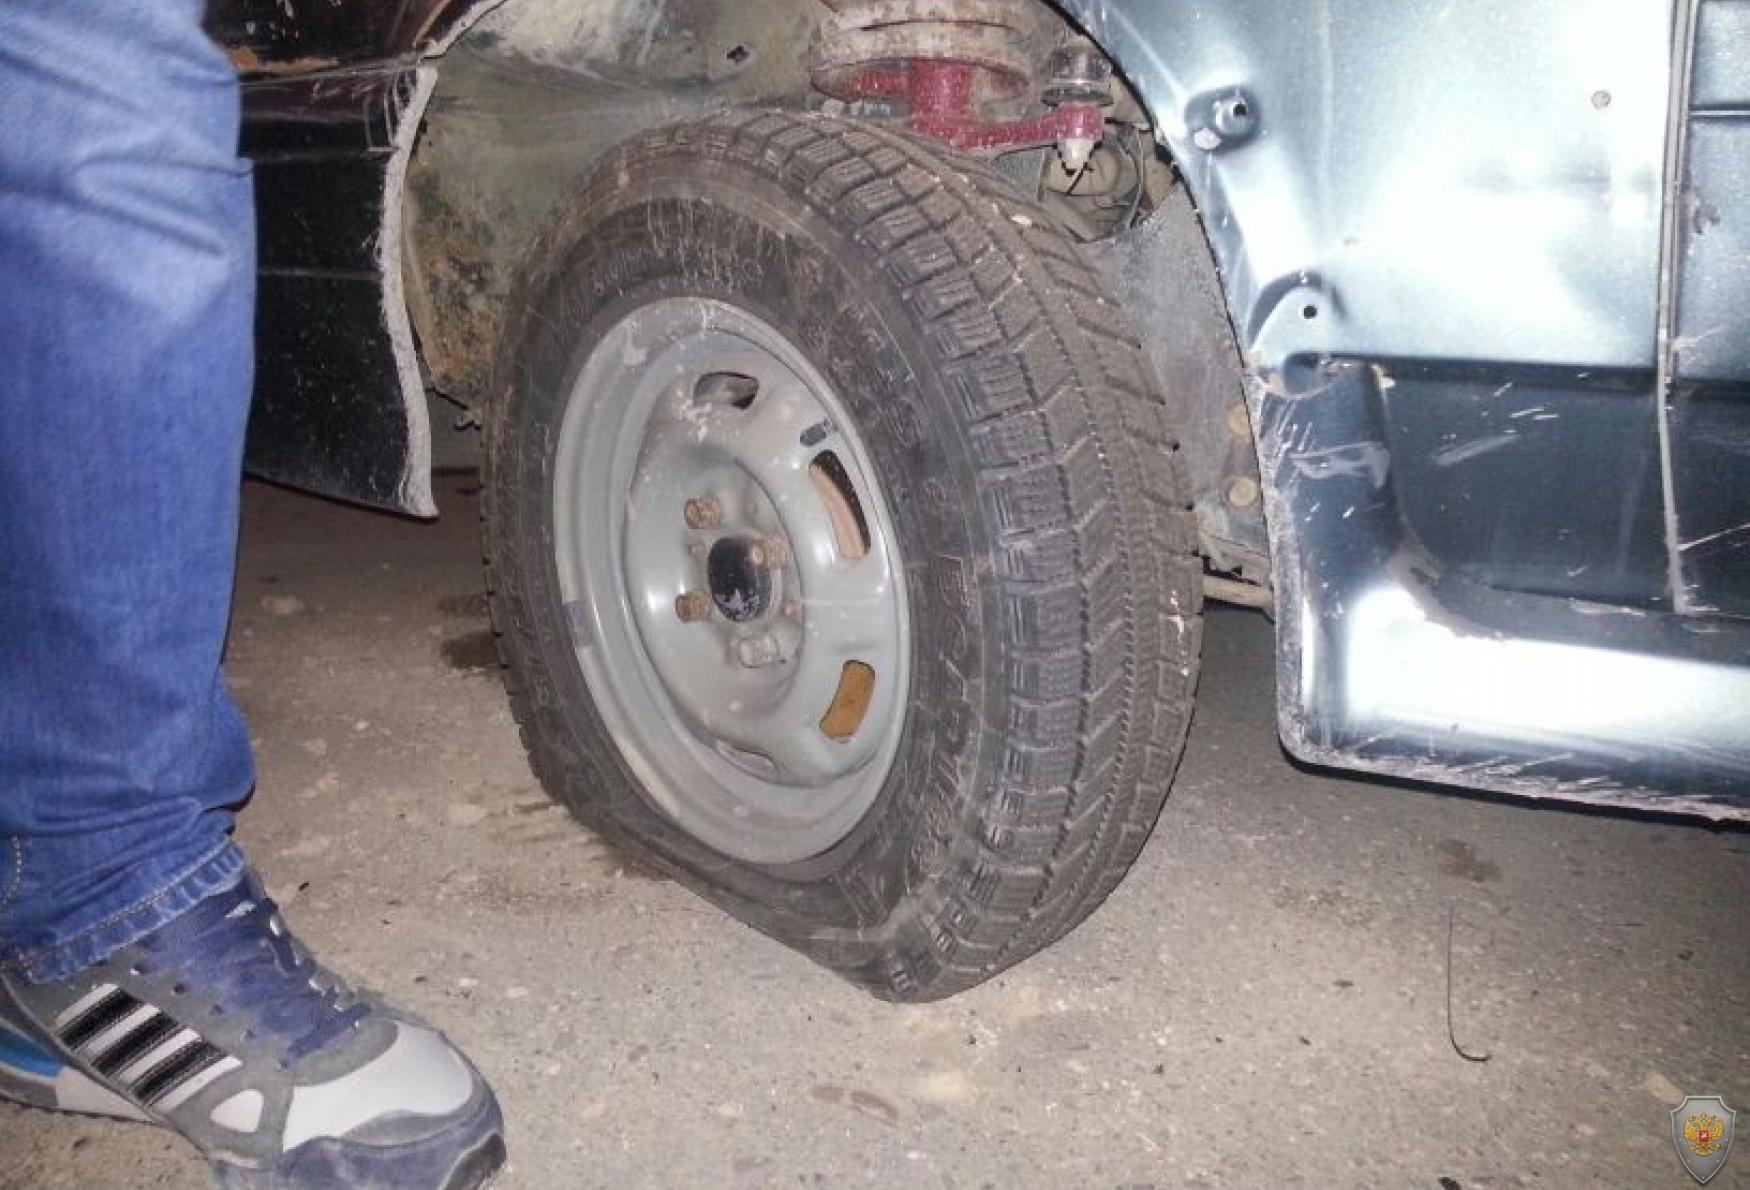 Трое бандитов, обстрелявших в Махачкале полицейских, нейтрализованы